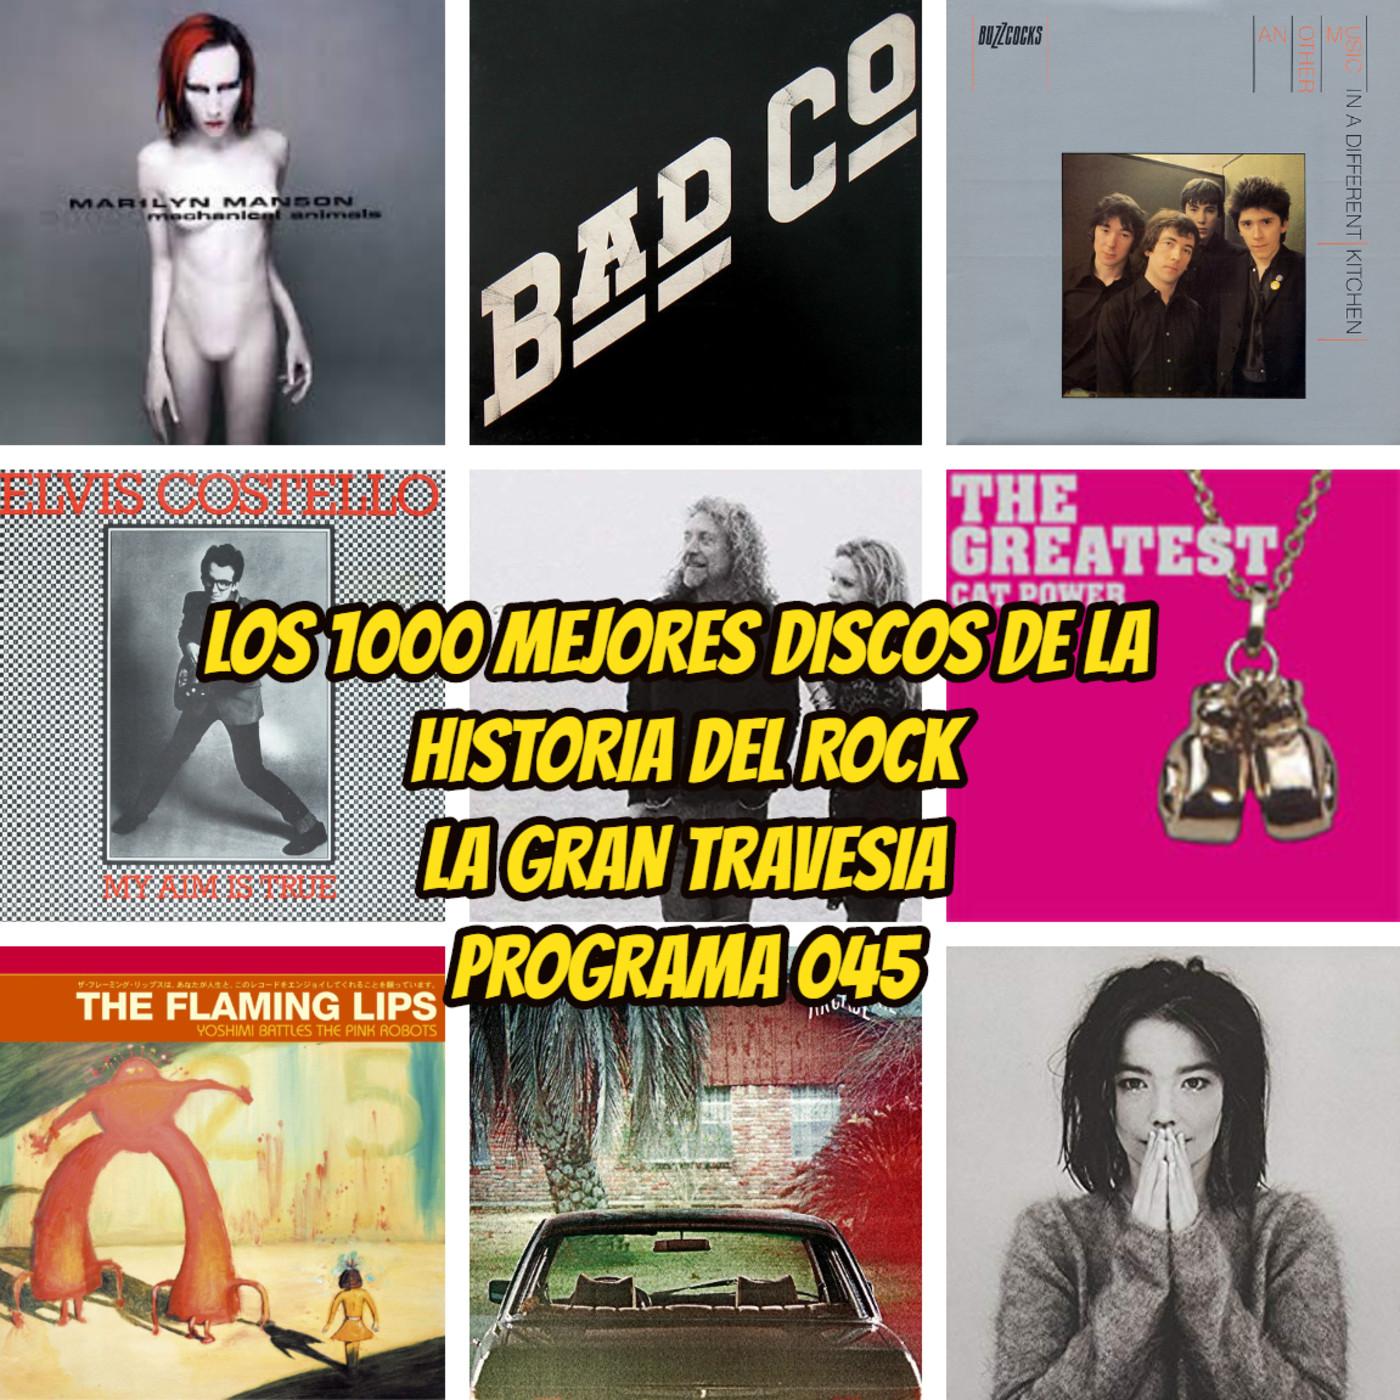 Los 1.000 mejores discos de la Historia del Rock 045. La Gran Travesía.